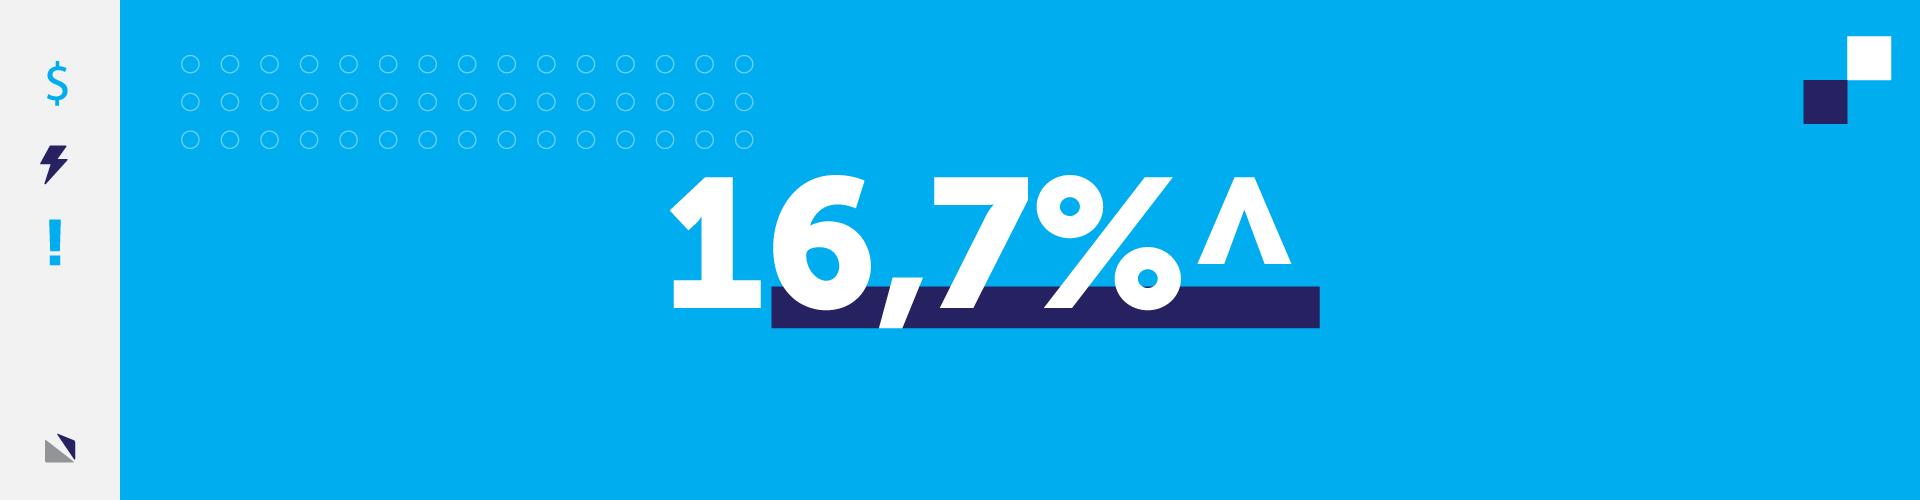 Aneel prevê que reajuste tarifário pode chegar a 16,7% em 2022